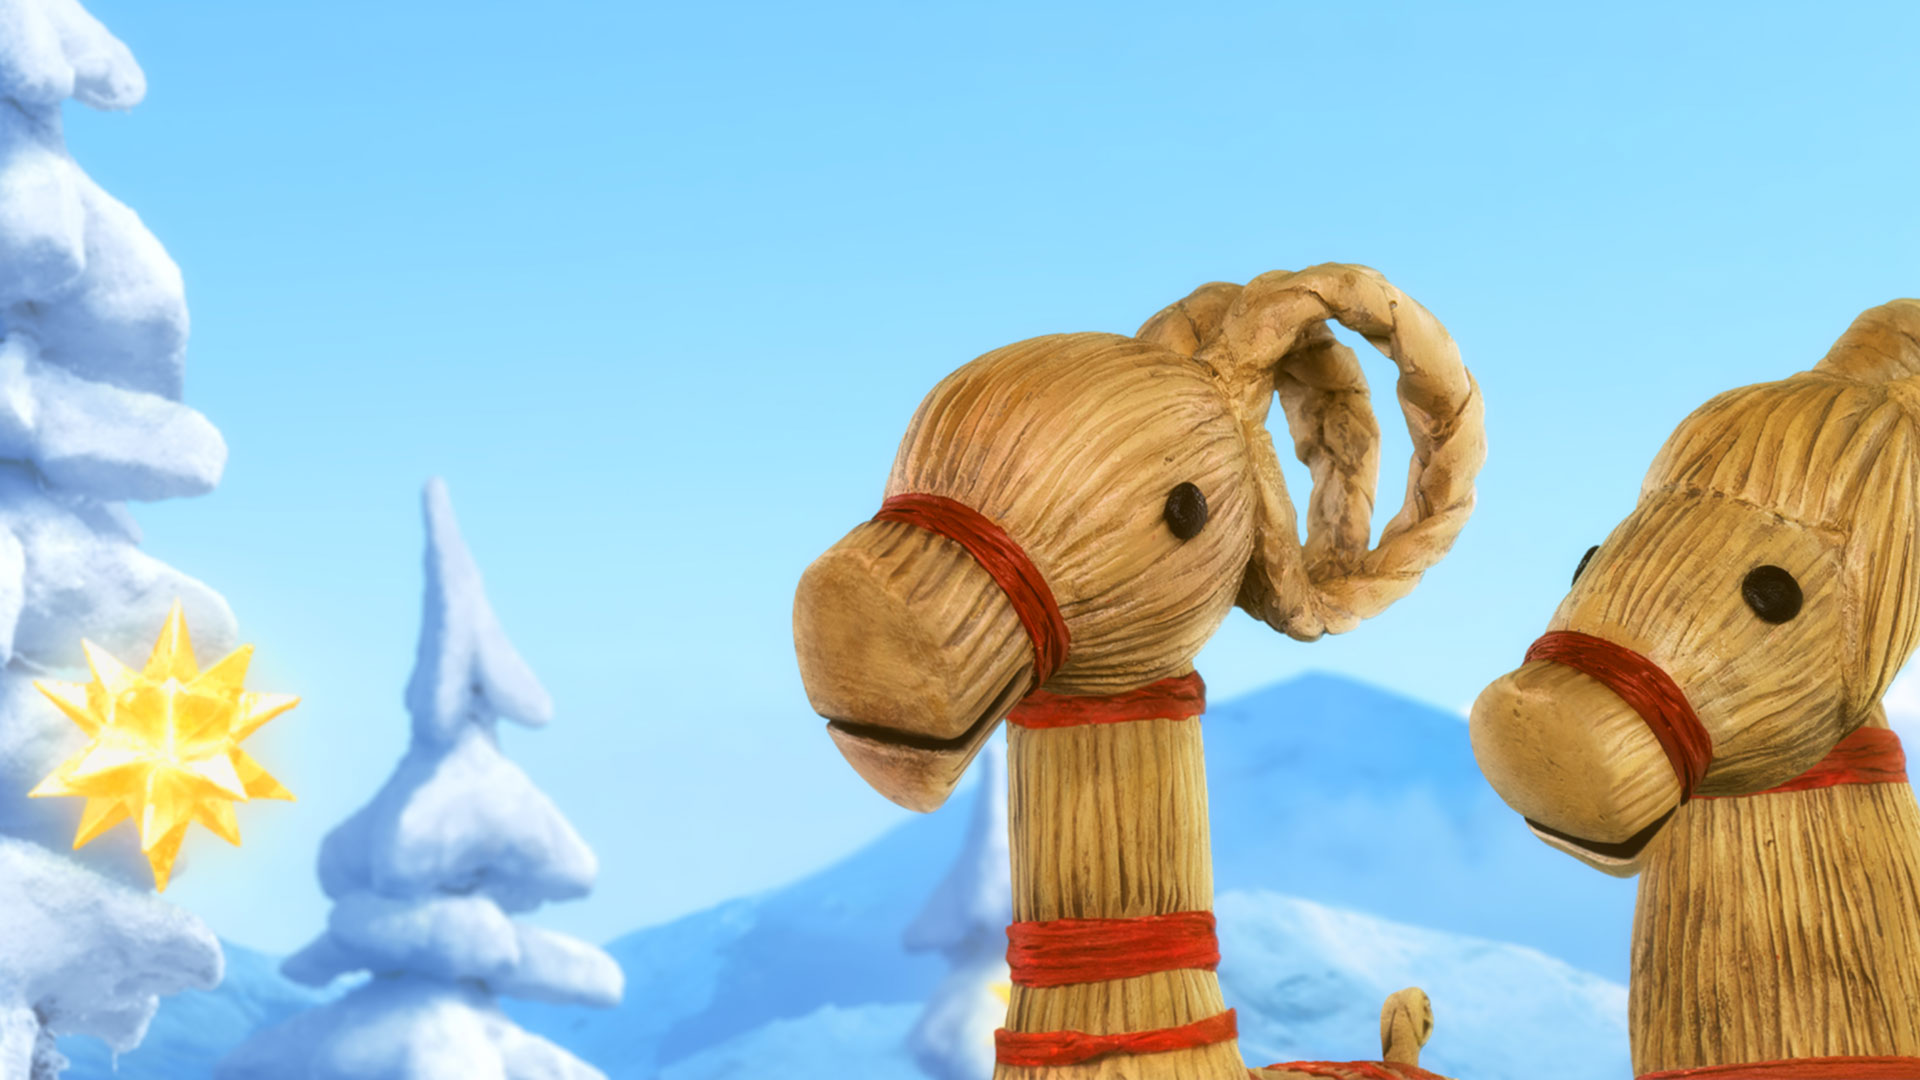 Den magiske juleesken har noen flotte kulisser og gjør smart bruk av tradisjonell skandinavisk julepynt som morsomme rollefigurer. (Foto: KontxtFilm)